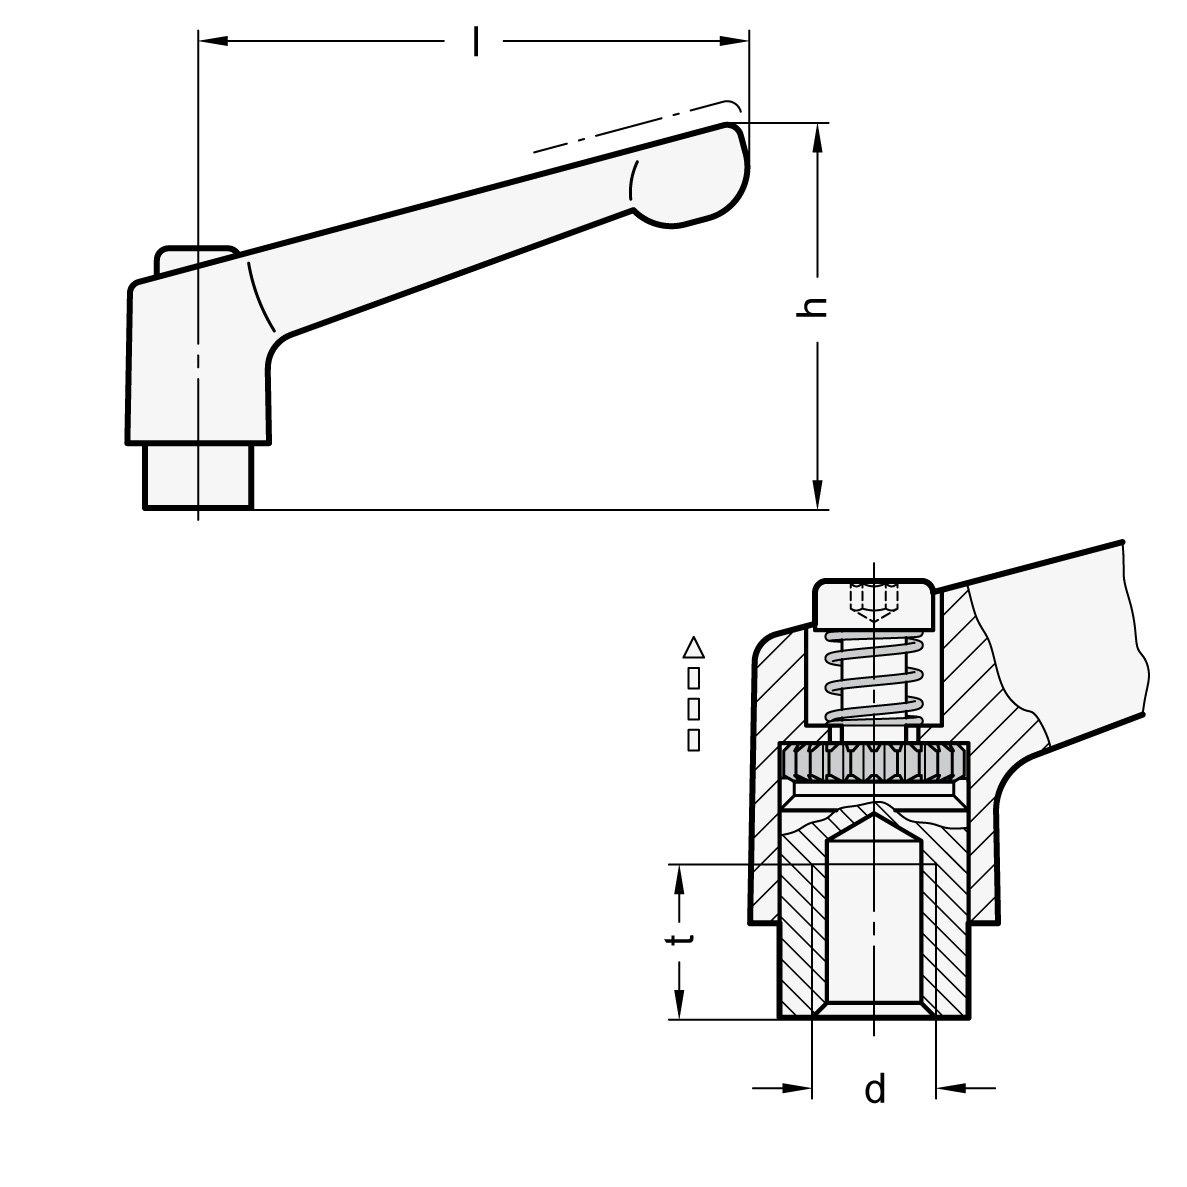 Buchse Stahl br/üniert GN 300-45-M5-SW Verstellbare Klemmhebel mit Gewindebuchse Griff Zink-Druckguss schwarz kunststoffbeschichtet Ganter Normelemente 2 St/ück